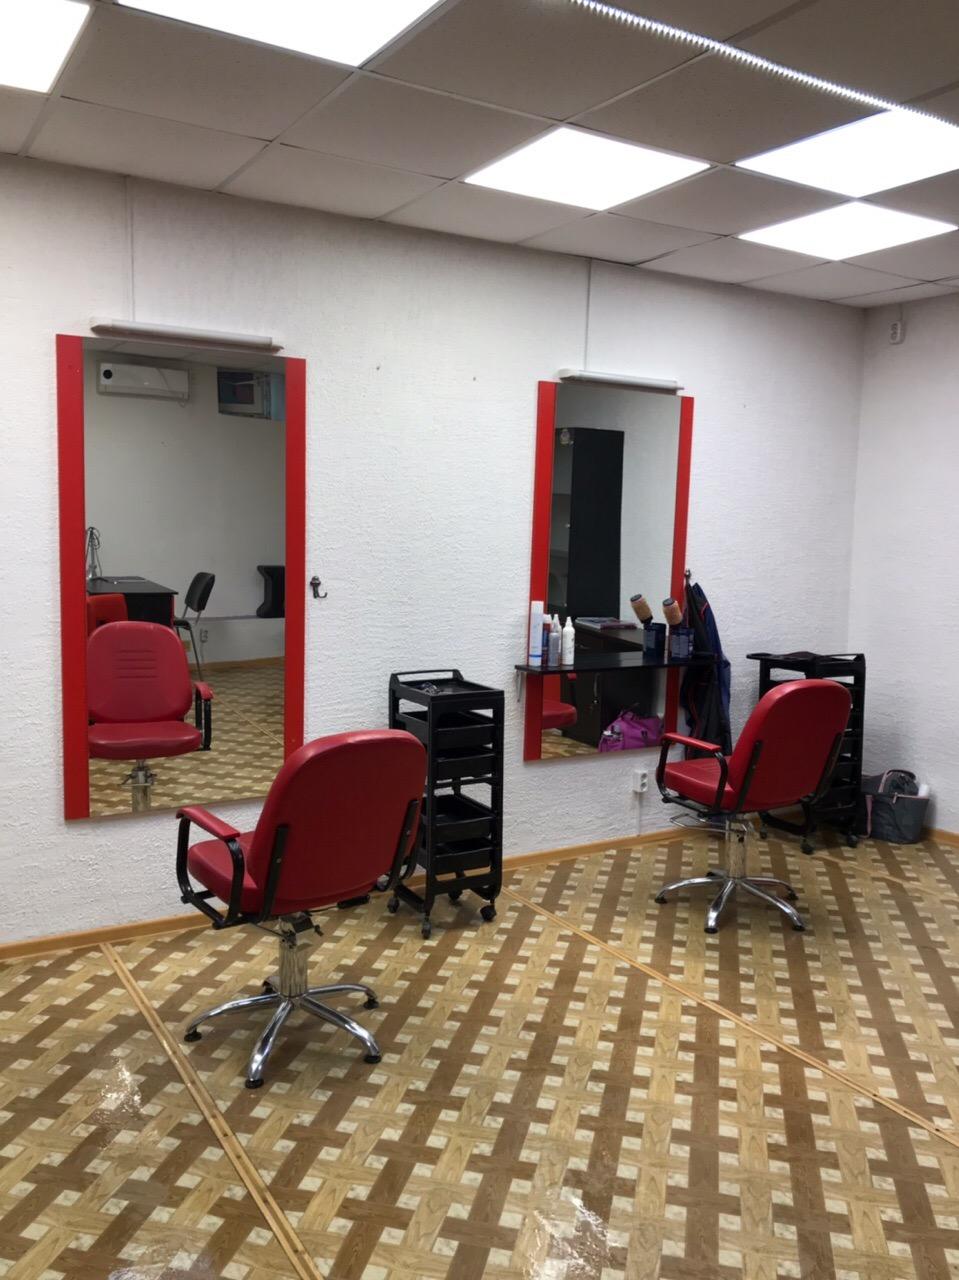 Парикмахерская «Валерия», на Огарева 18, гостеприимно открывает свои двери для постоянных и новых клиентов!